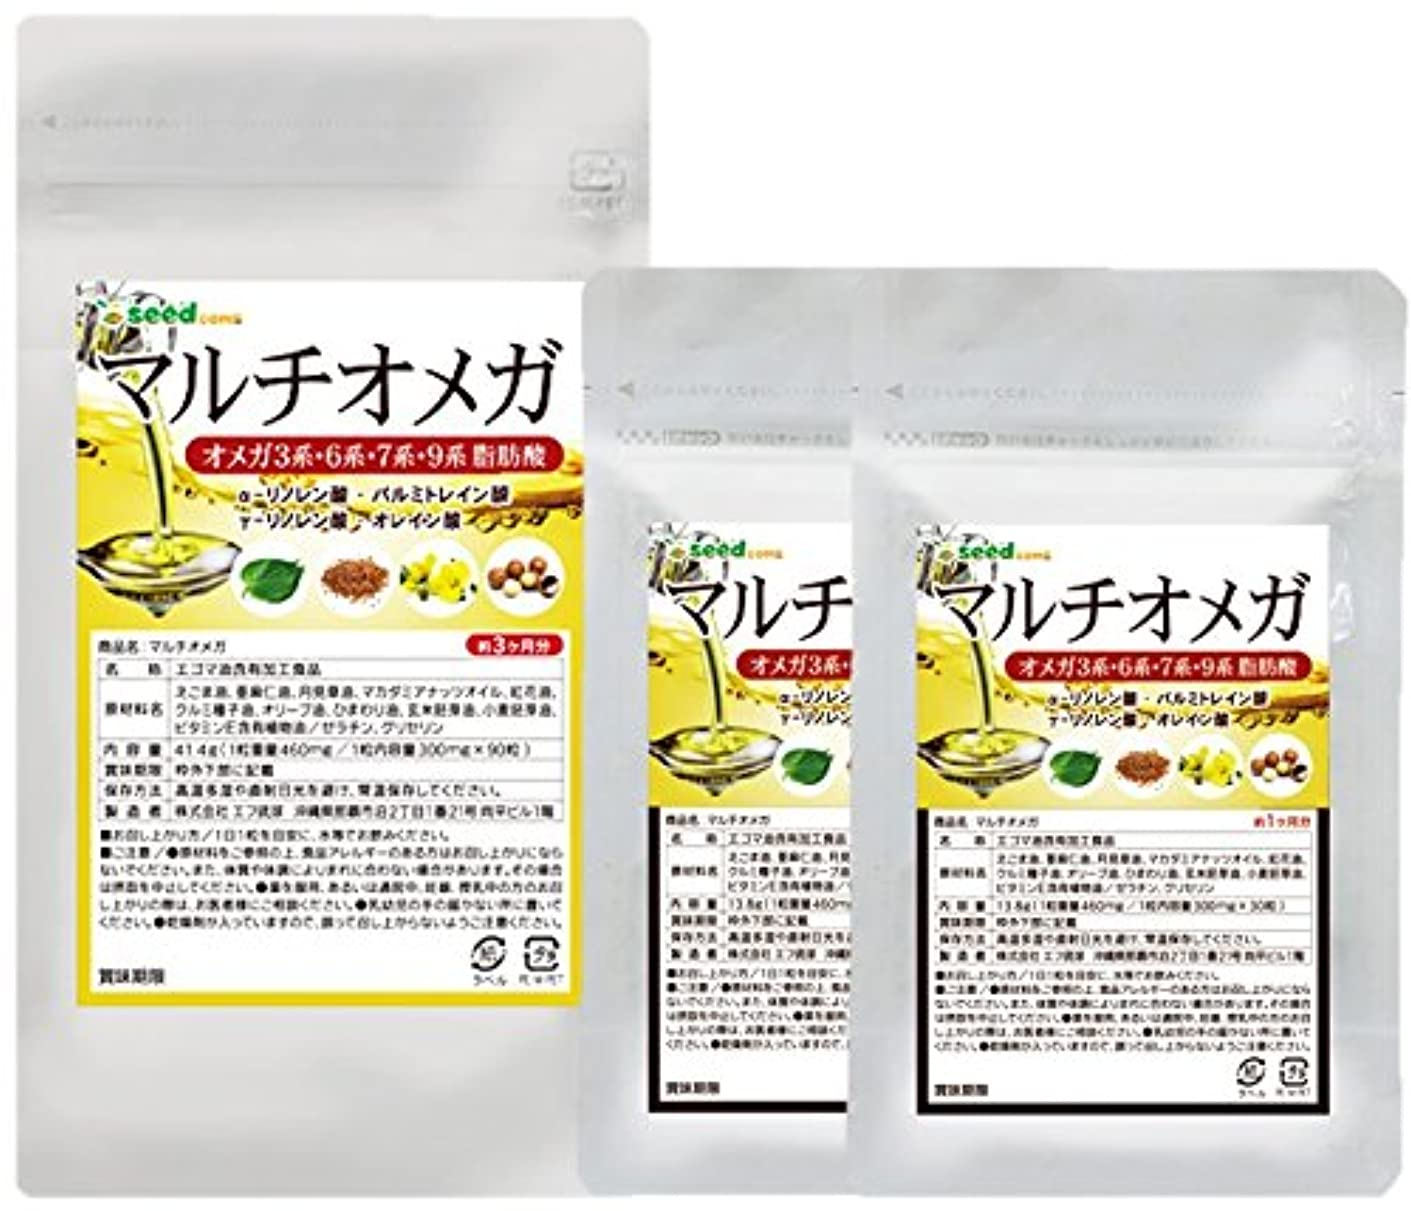 特定の伝統的適度なマルチオメガ (約5ヶ月分/150粒) エゴマ、亜麻仁、クルミなど100%の植物オイルを11種類